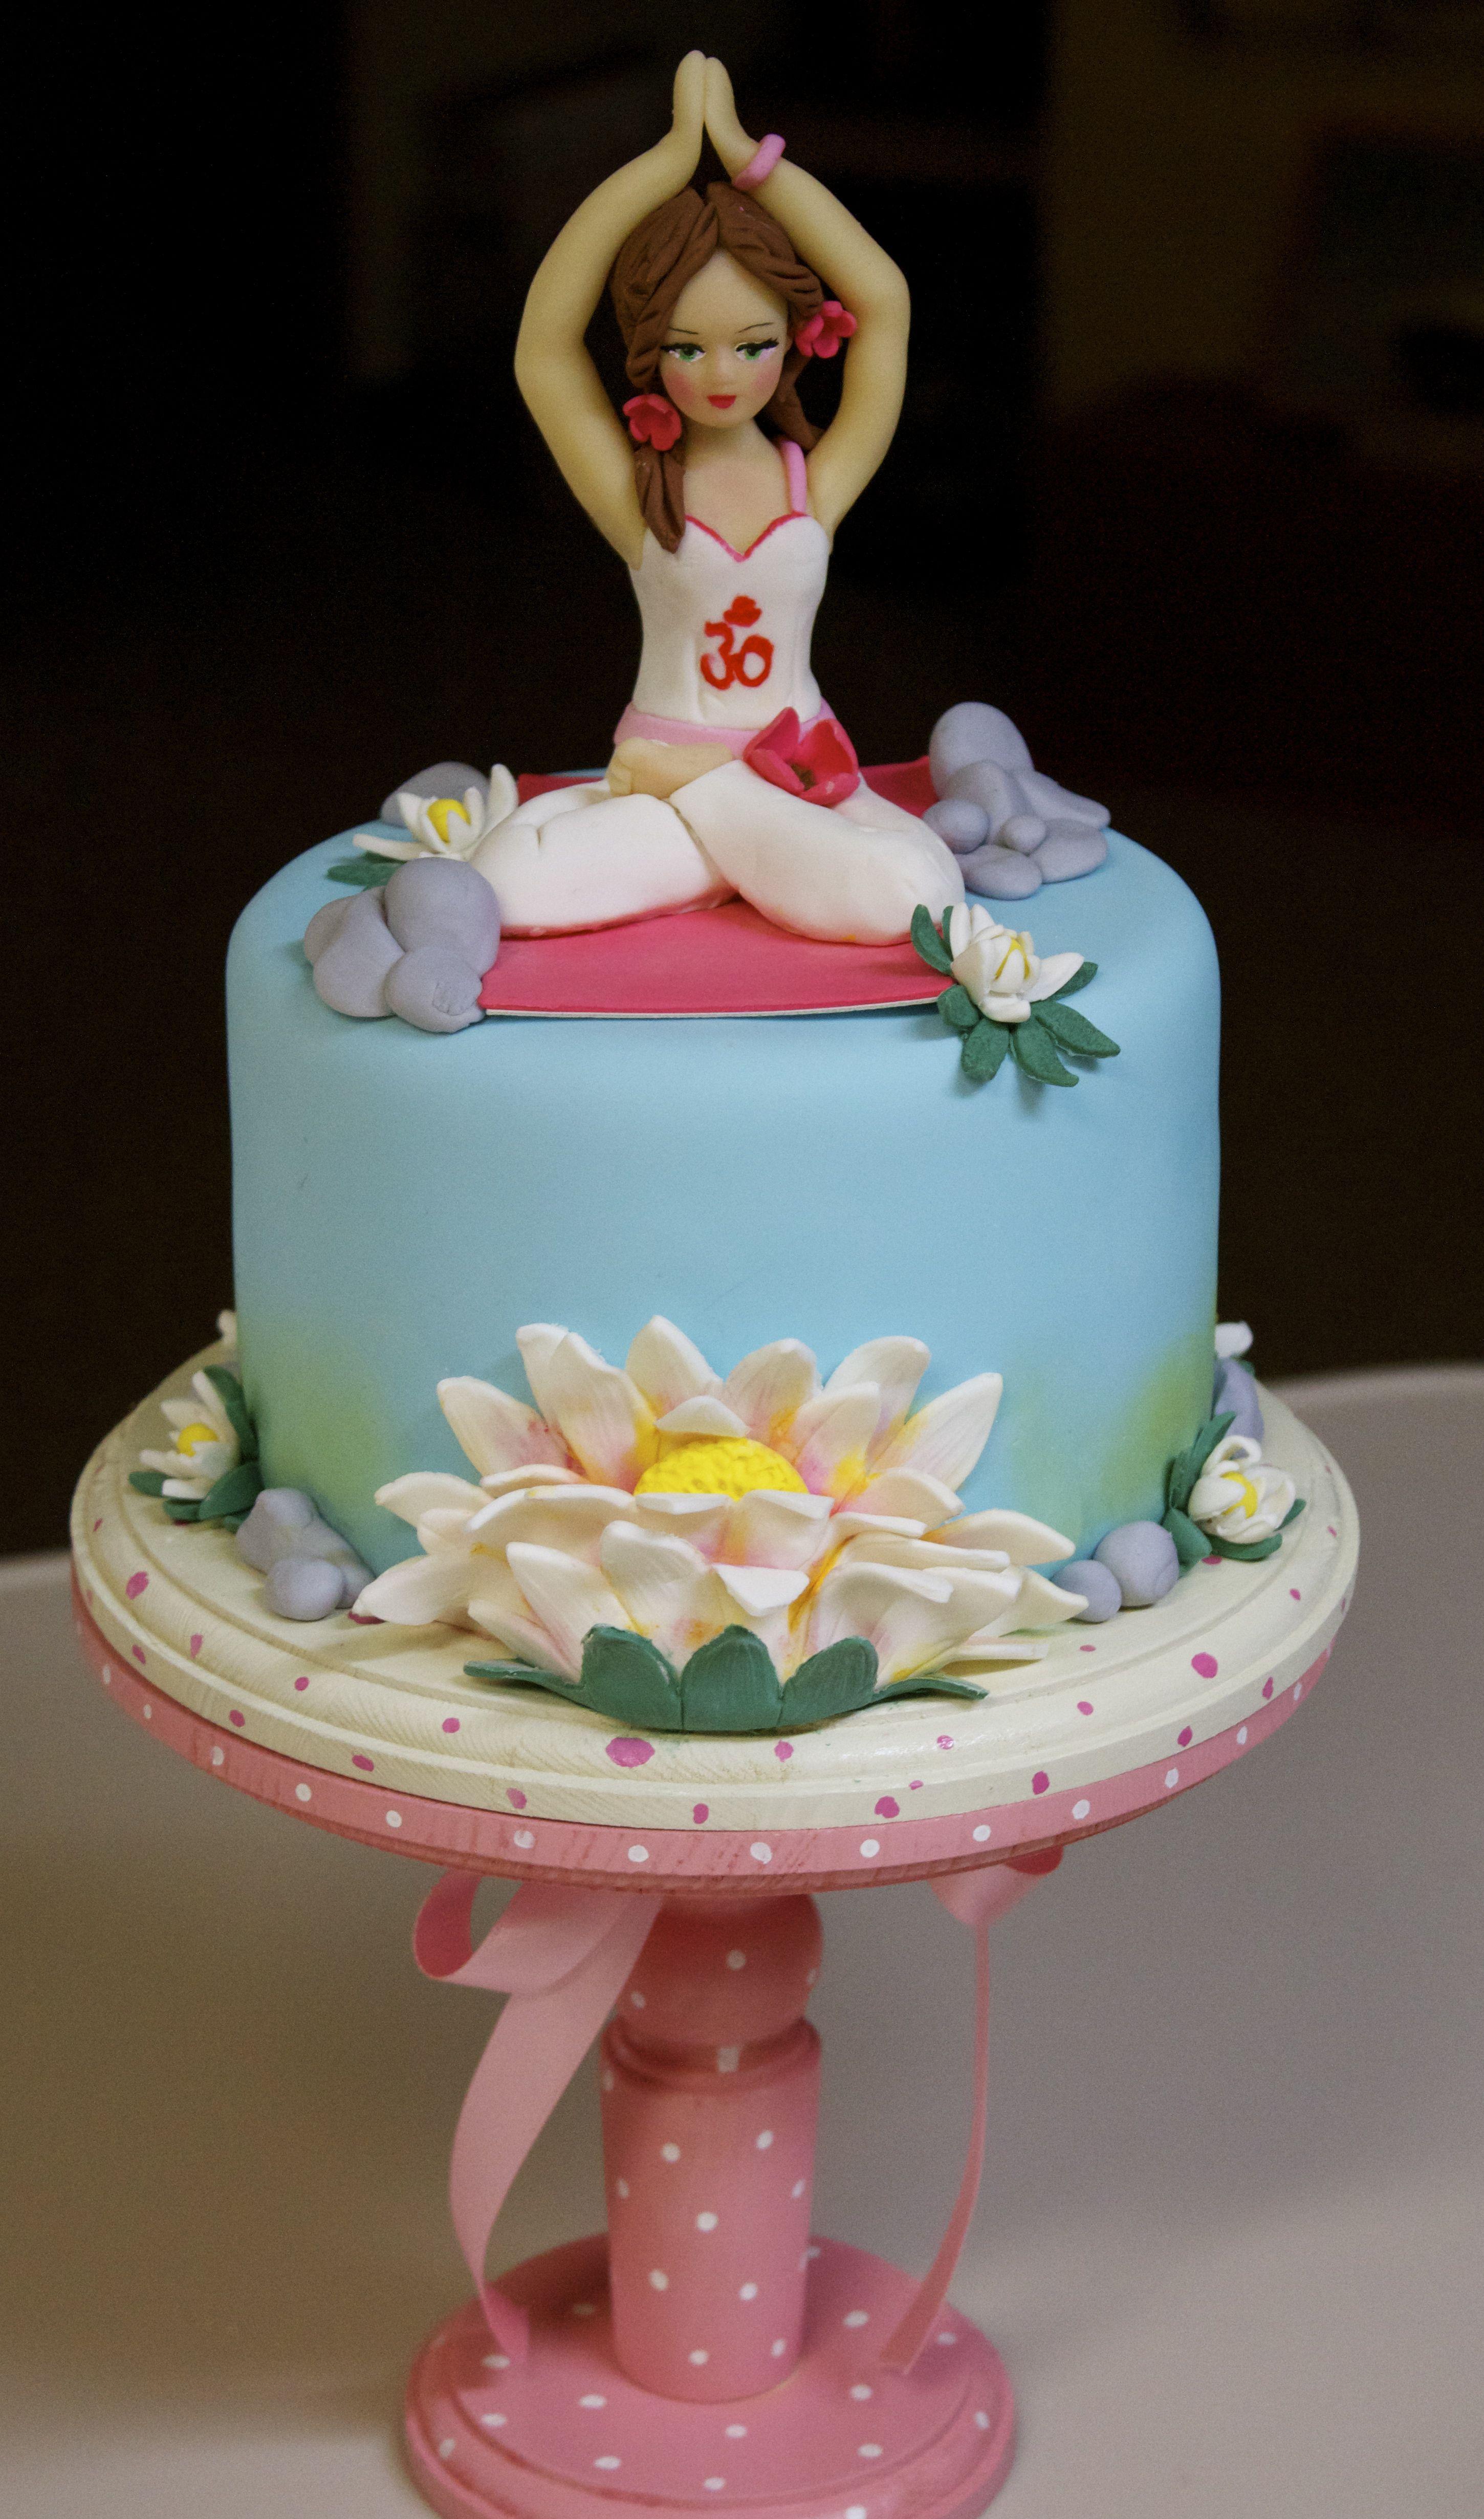 Namaste Cakes with Figures Pinterest Namaste Cake and Cake